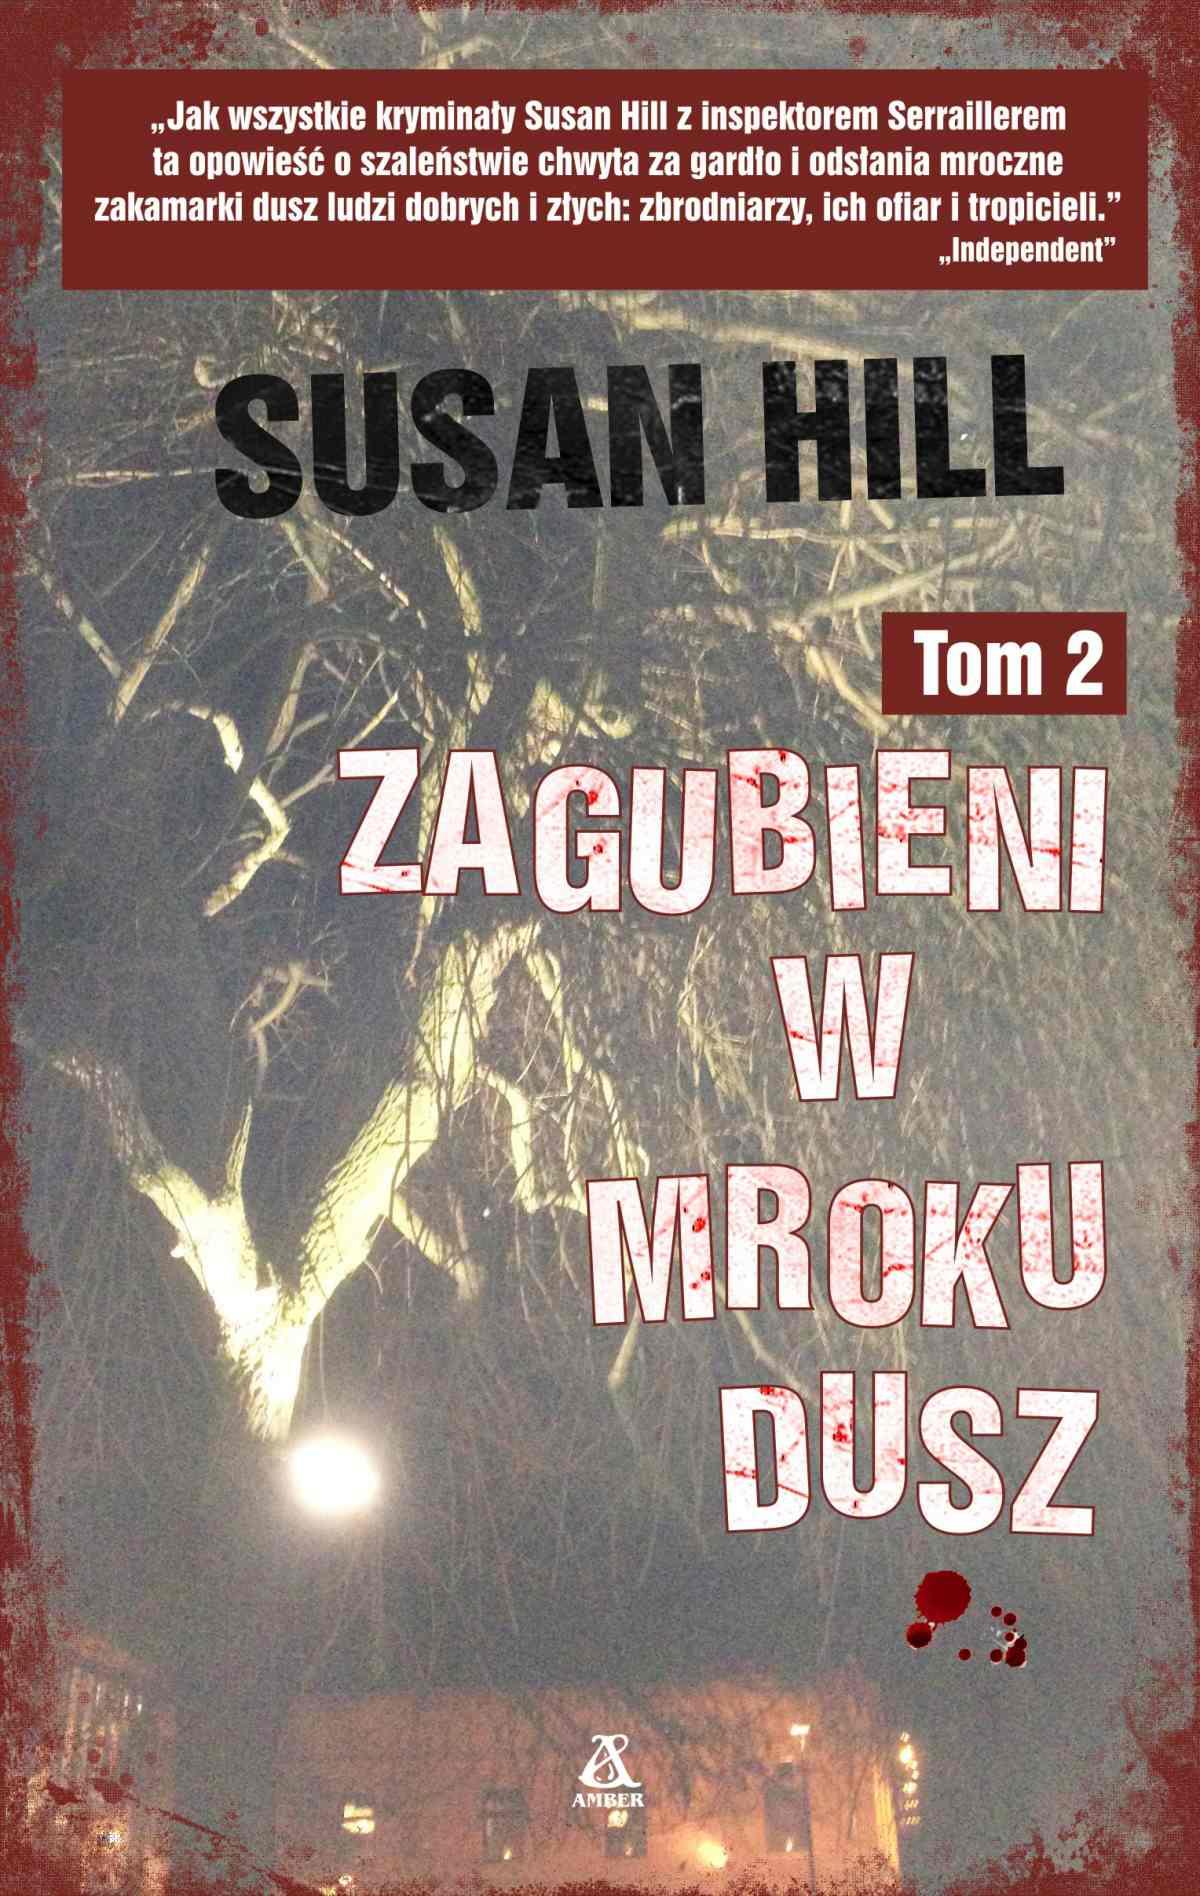 Zagubieni w mroku dusz. Tom 2 - Ebook (Książka EPUB) do pobrania w formacie EPUB